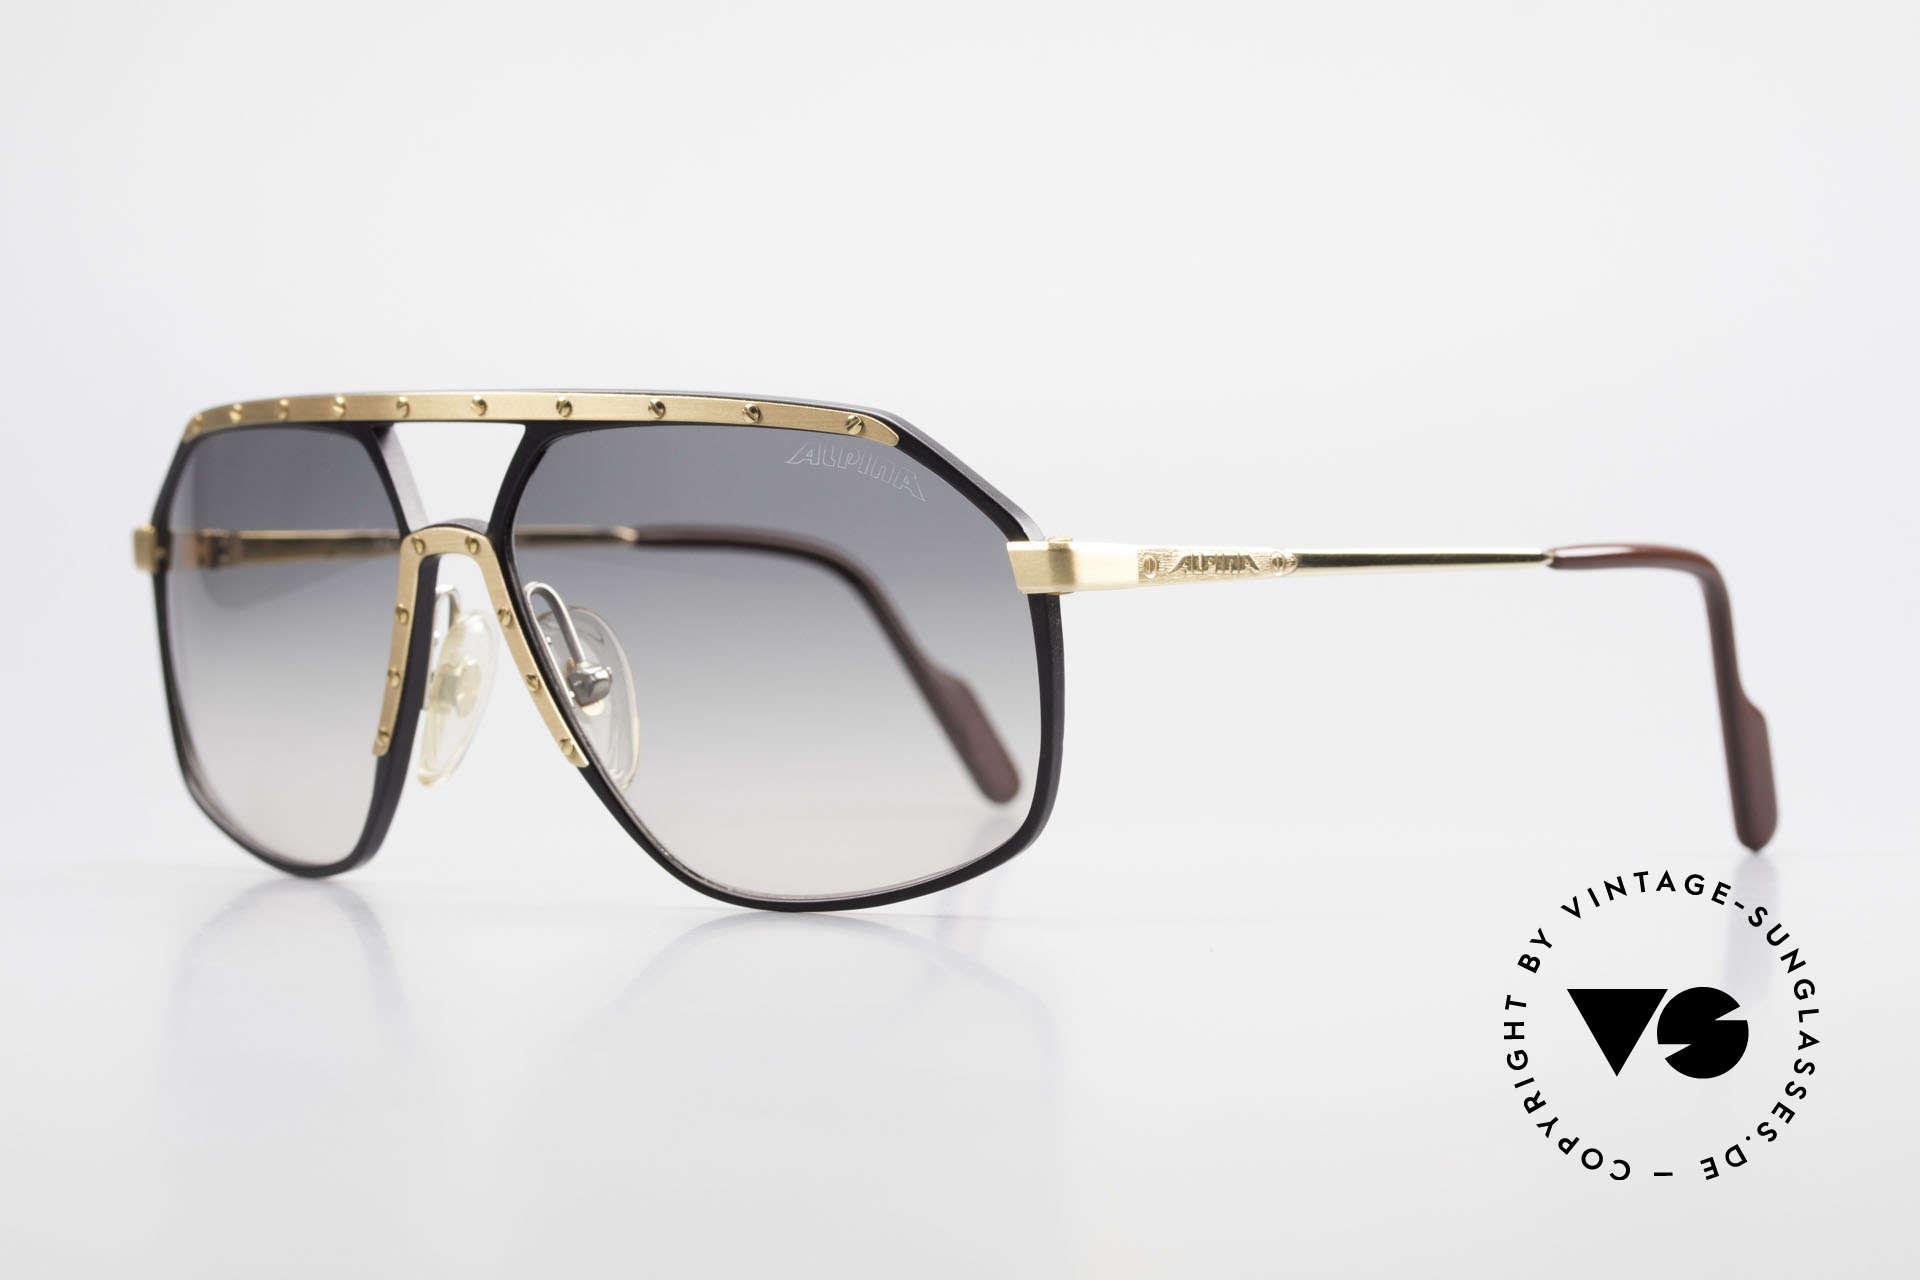 Alpina M6 True Vintage Sonnenbrille 80er, HANDMADE gefertigt in verschiedenen Variationen, Passend für Herren und Damen